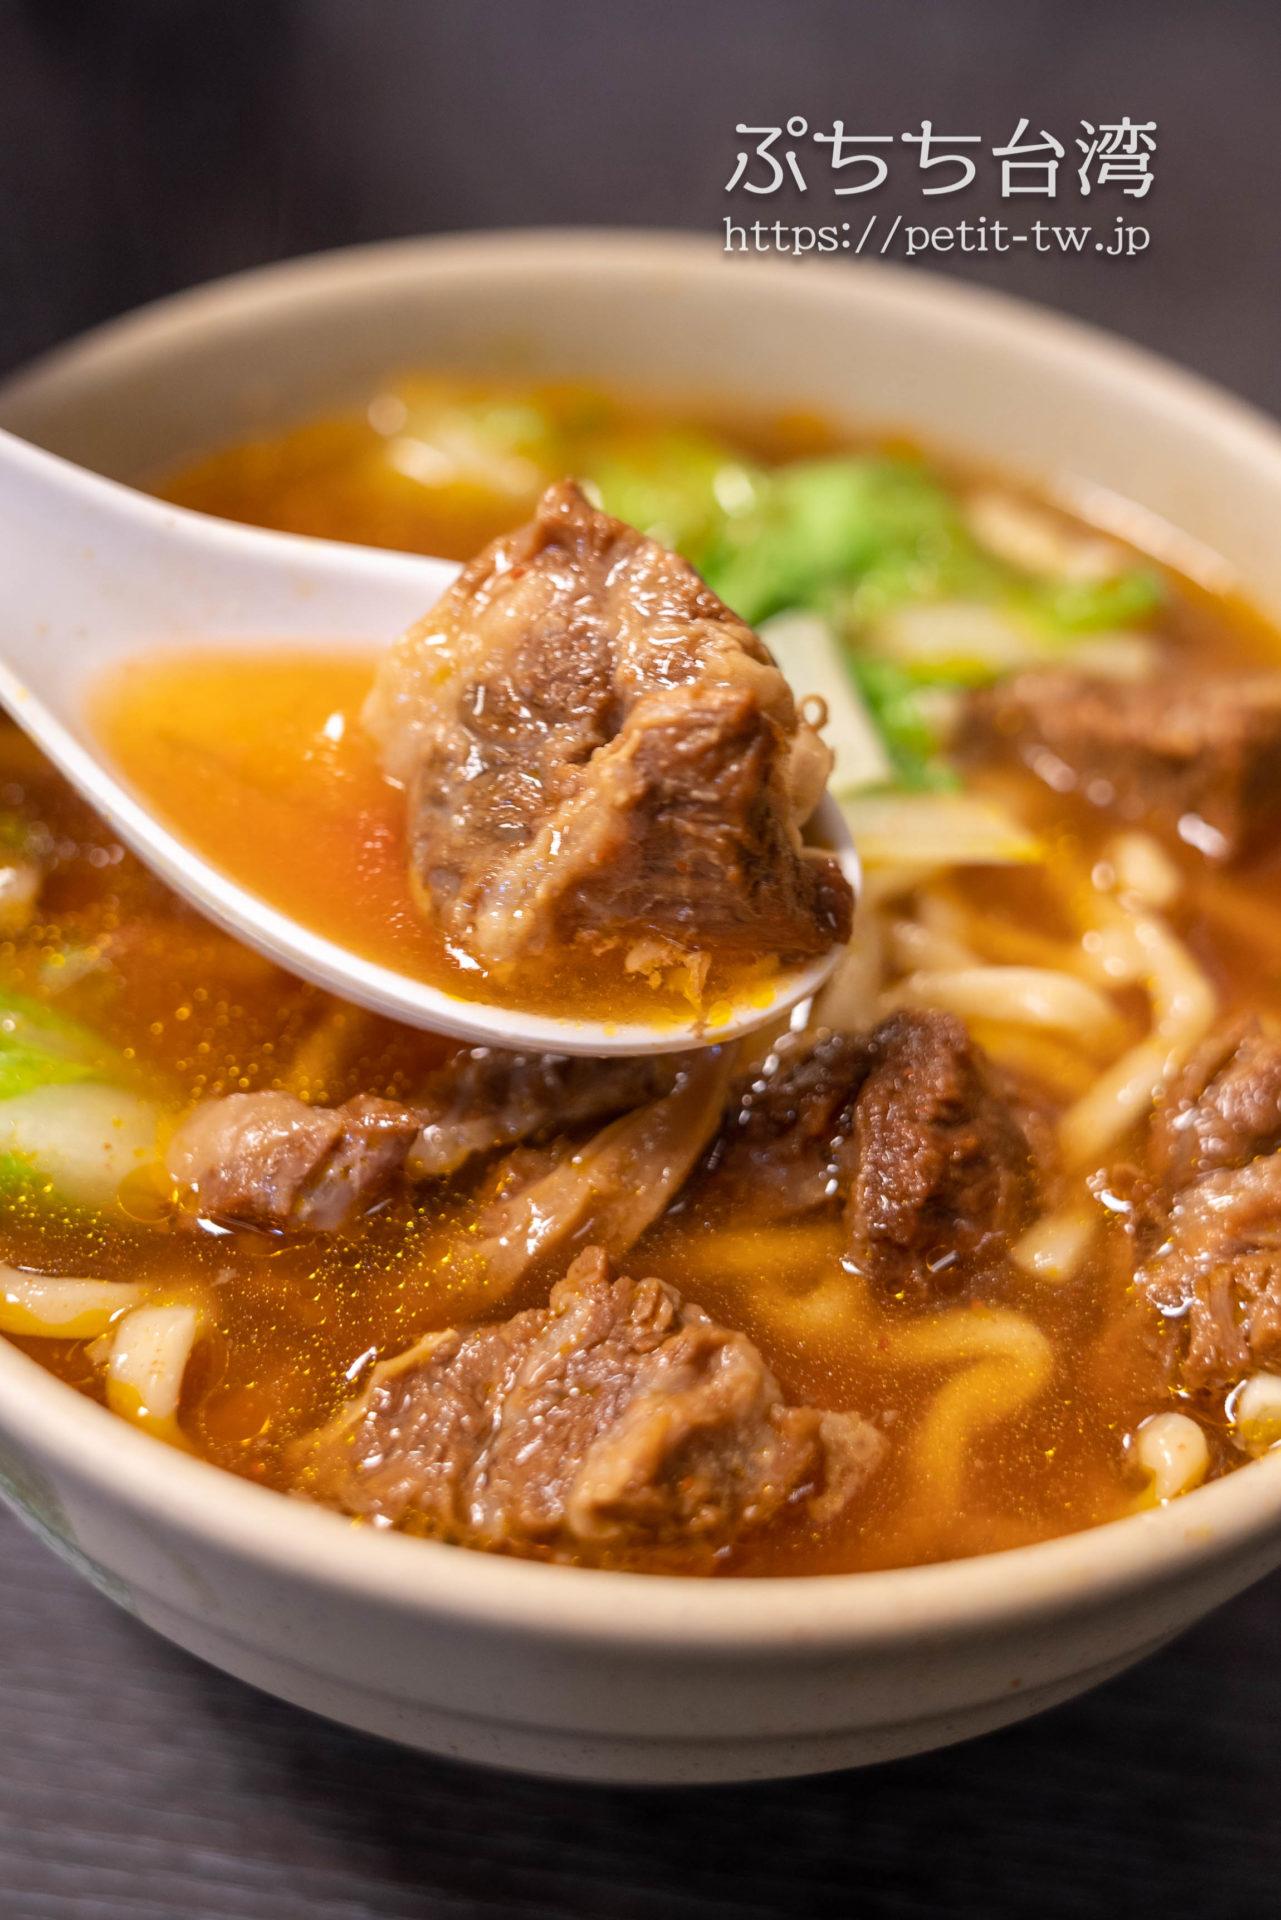 原郷牛肉拉麺、原鄉牛肉拉麵の牛肉